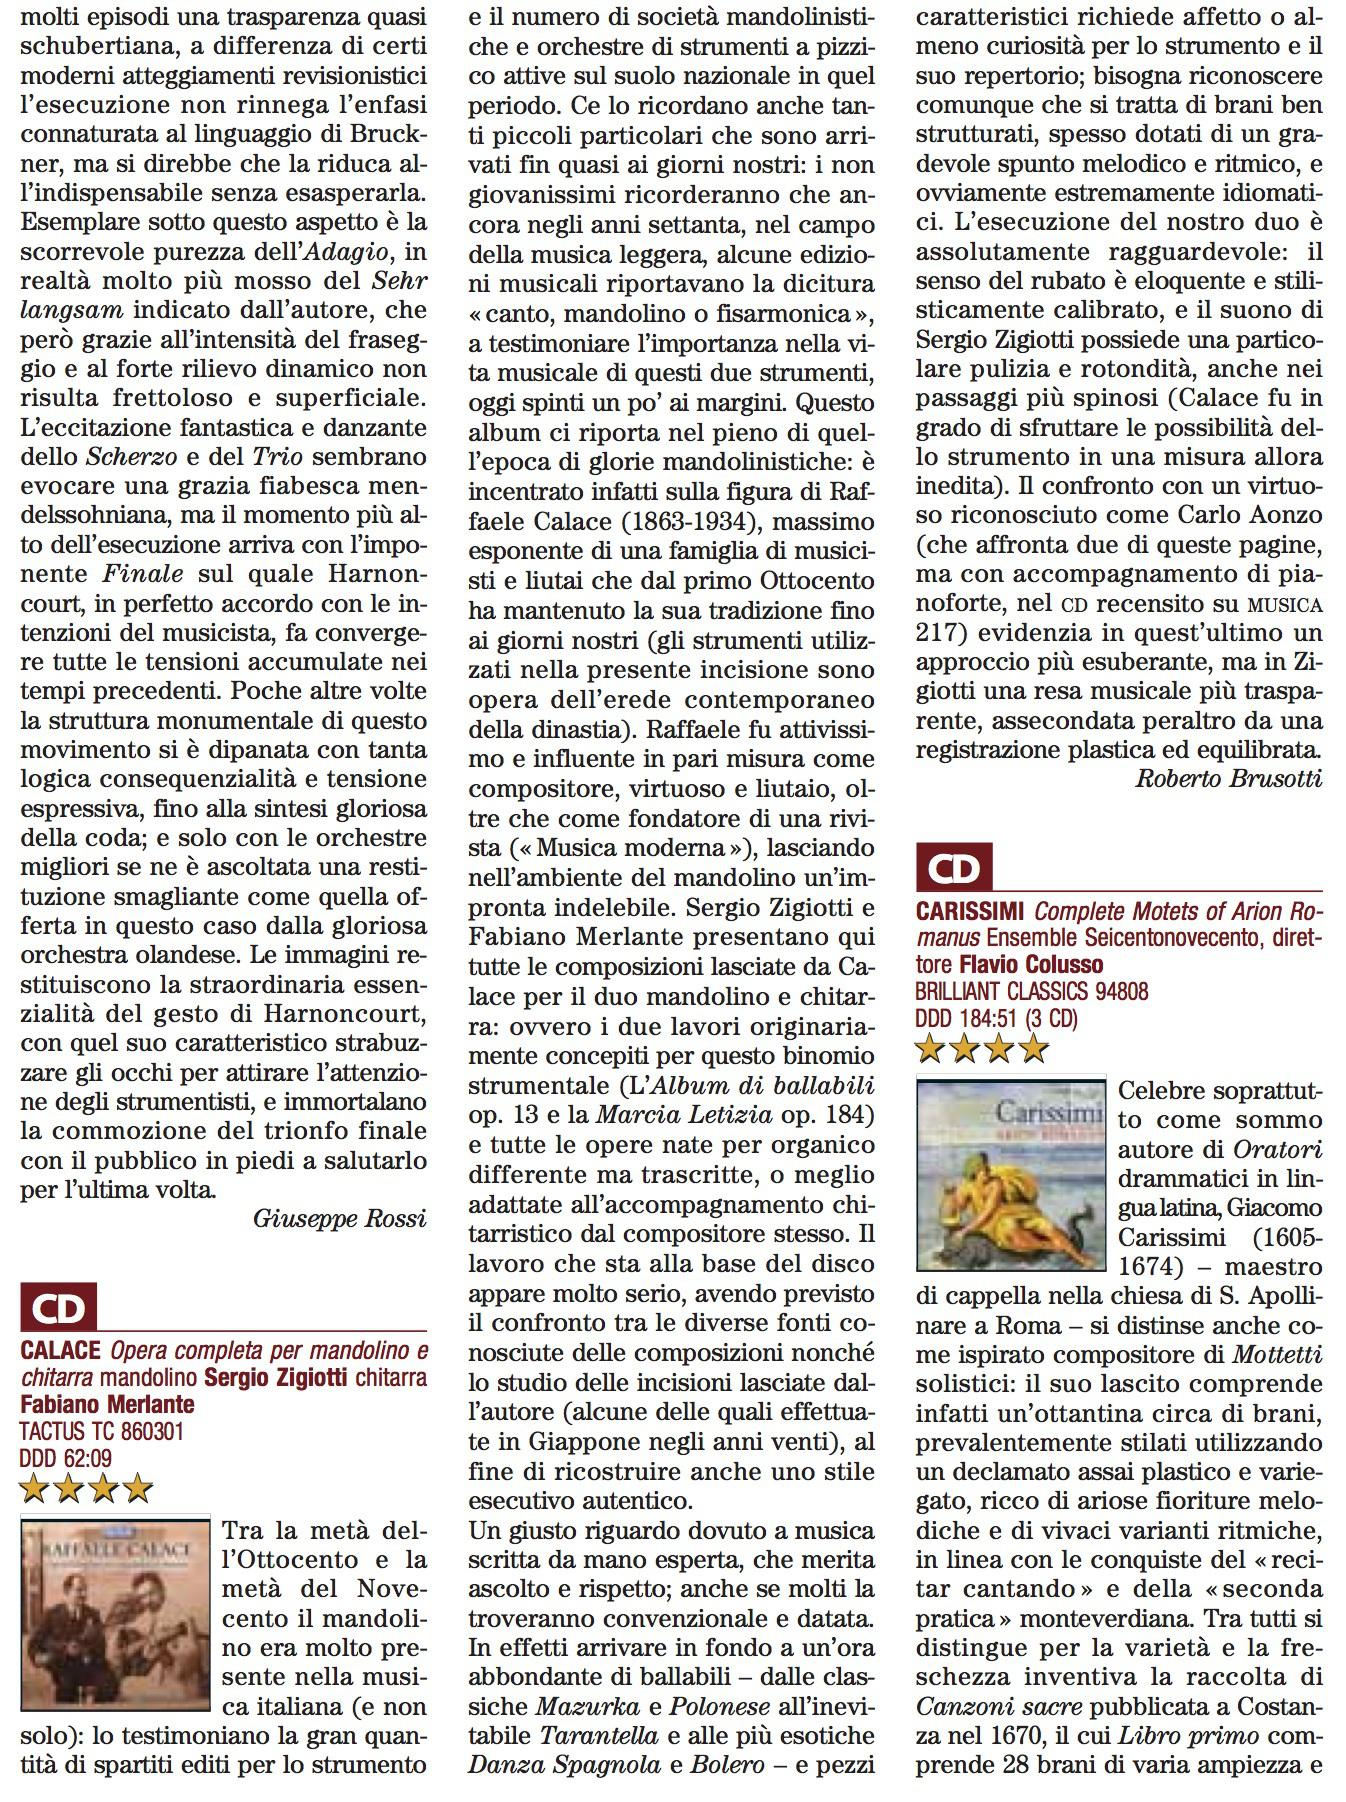 """Recensione pubblicata su """"Musica"""", n. 261, novembre, 2014"""